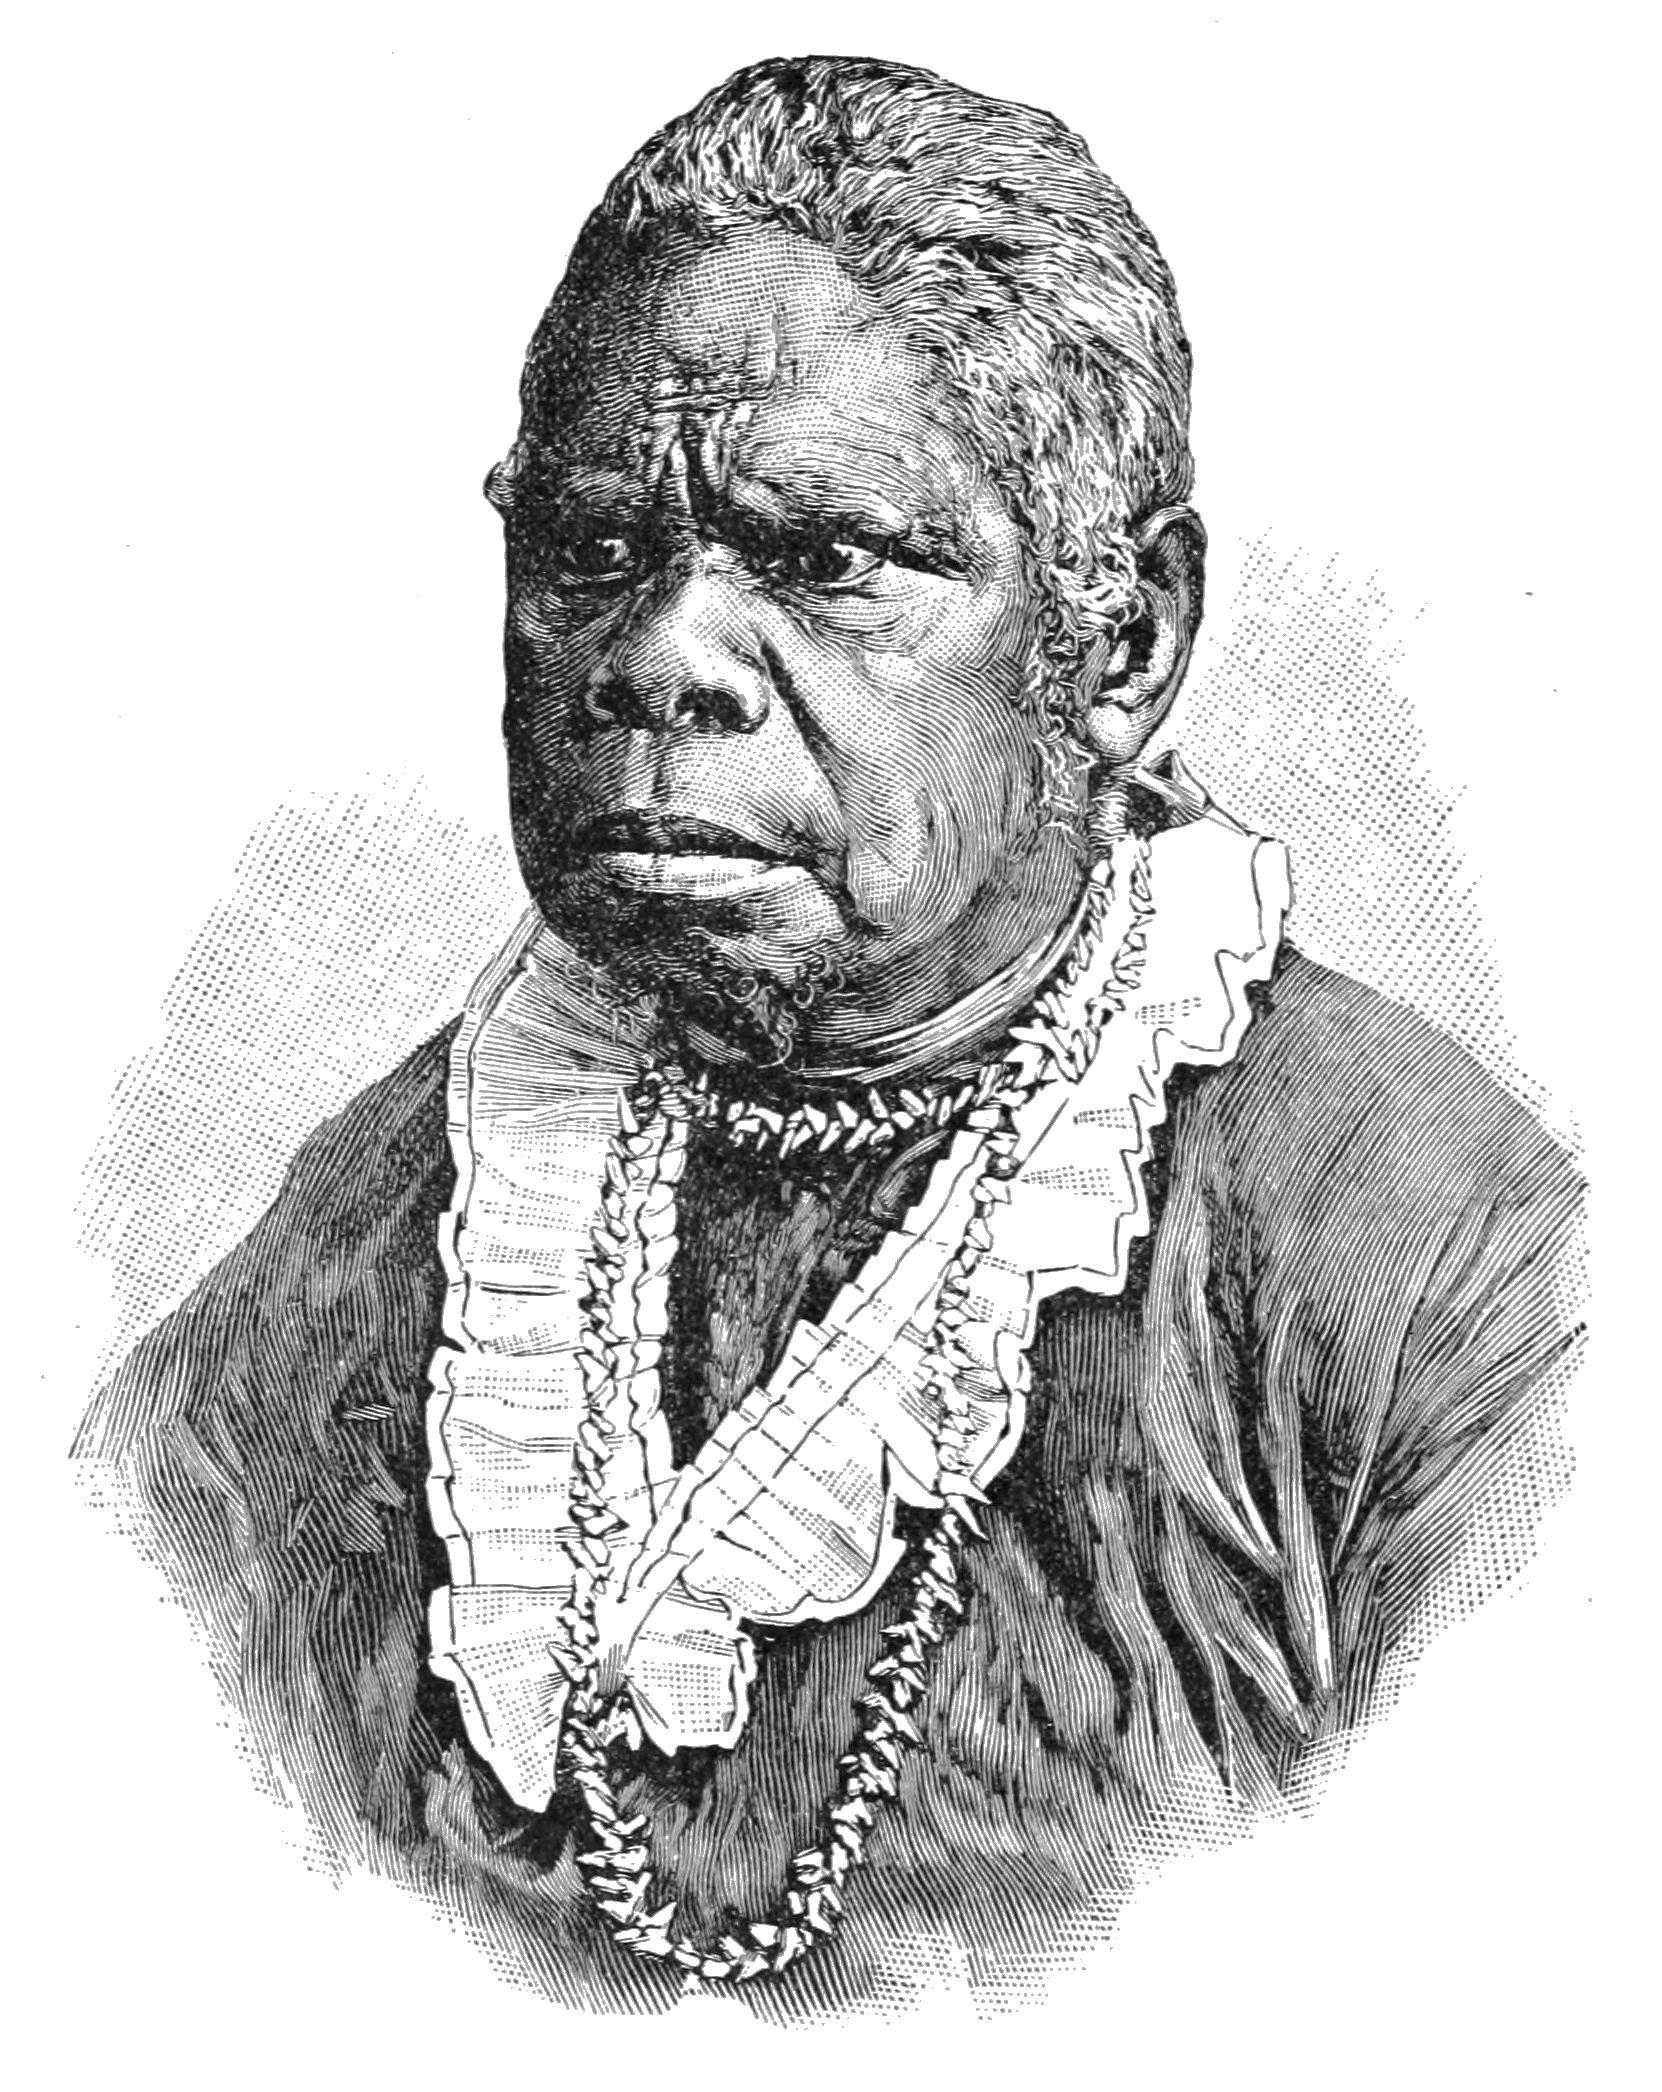 File:PSM V37 D630 Lalla rookh the last tasmanian.jpg - Wikimedia ...